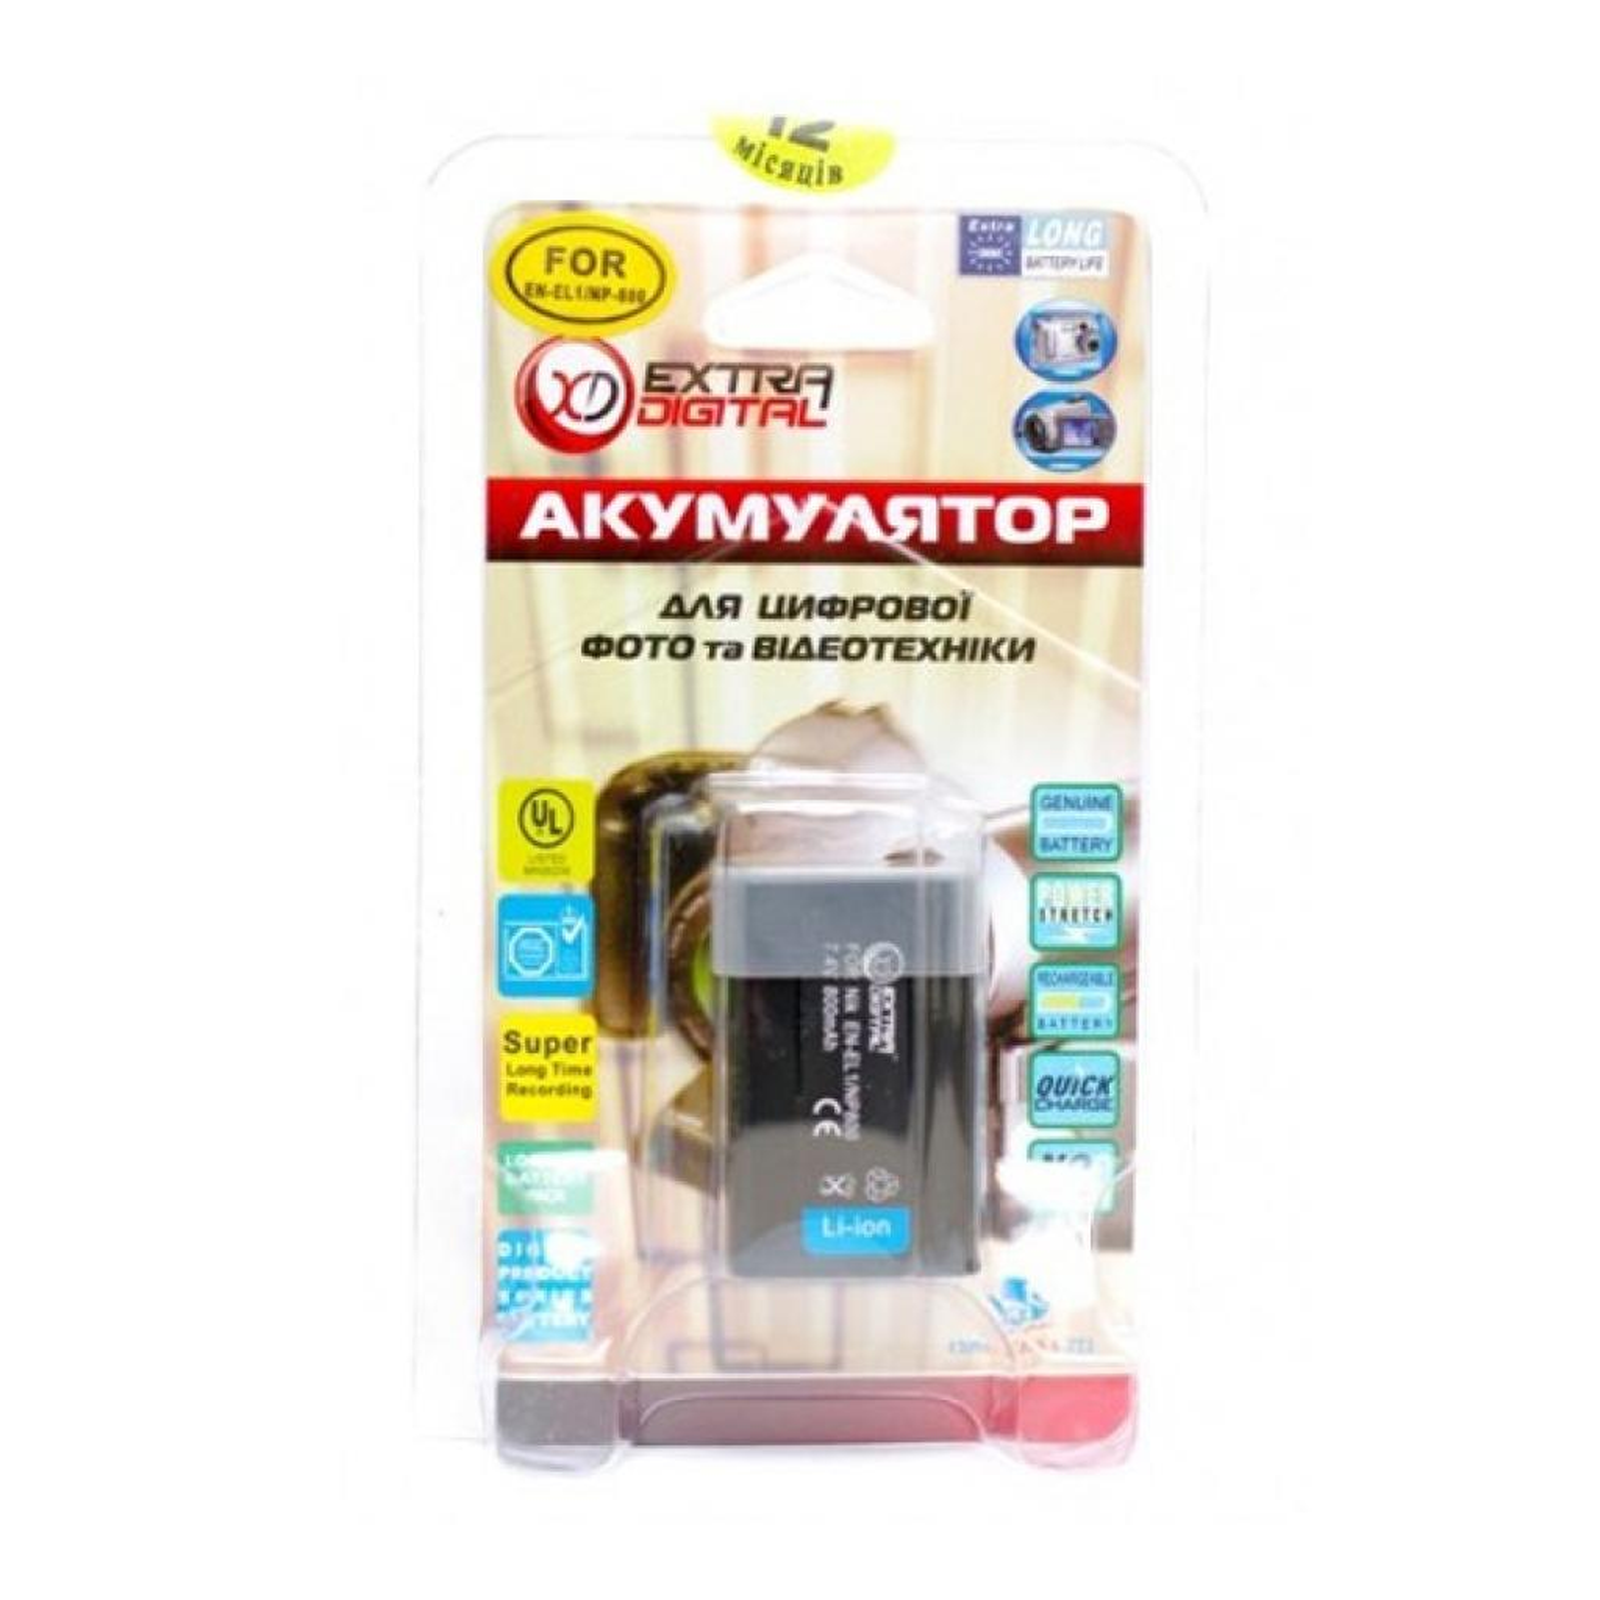 Аккумулятор к фото/видео EXTRADIGITAL Minolta NP-800 (DV00DV1069) изображение 3